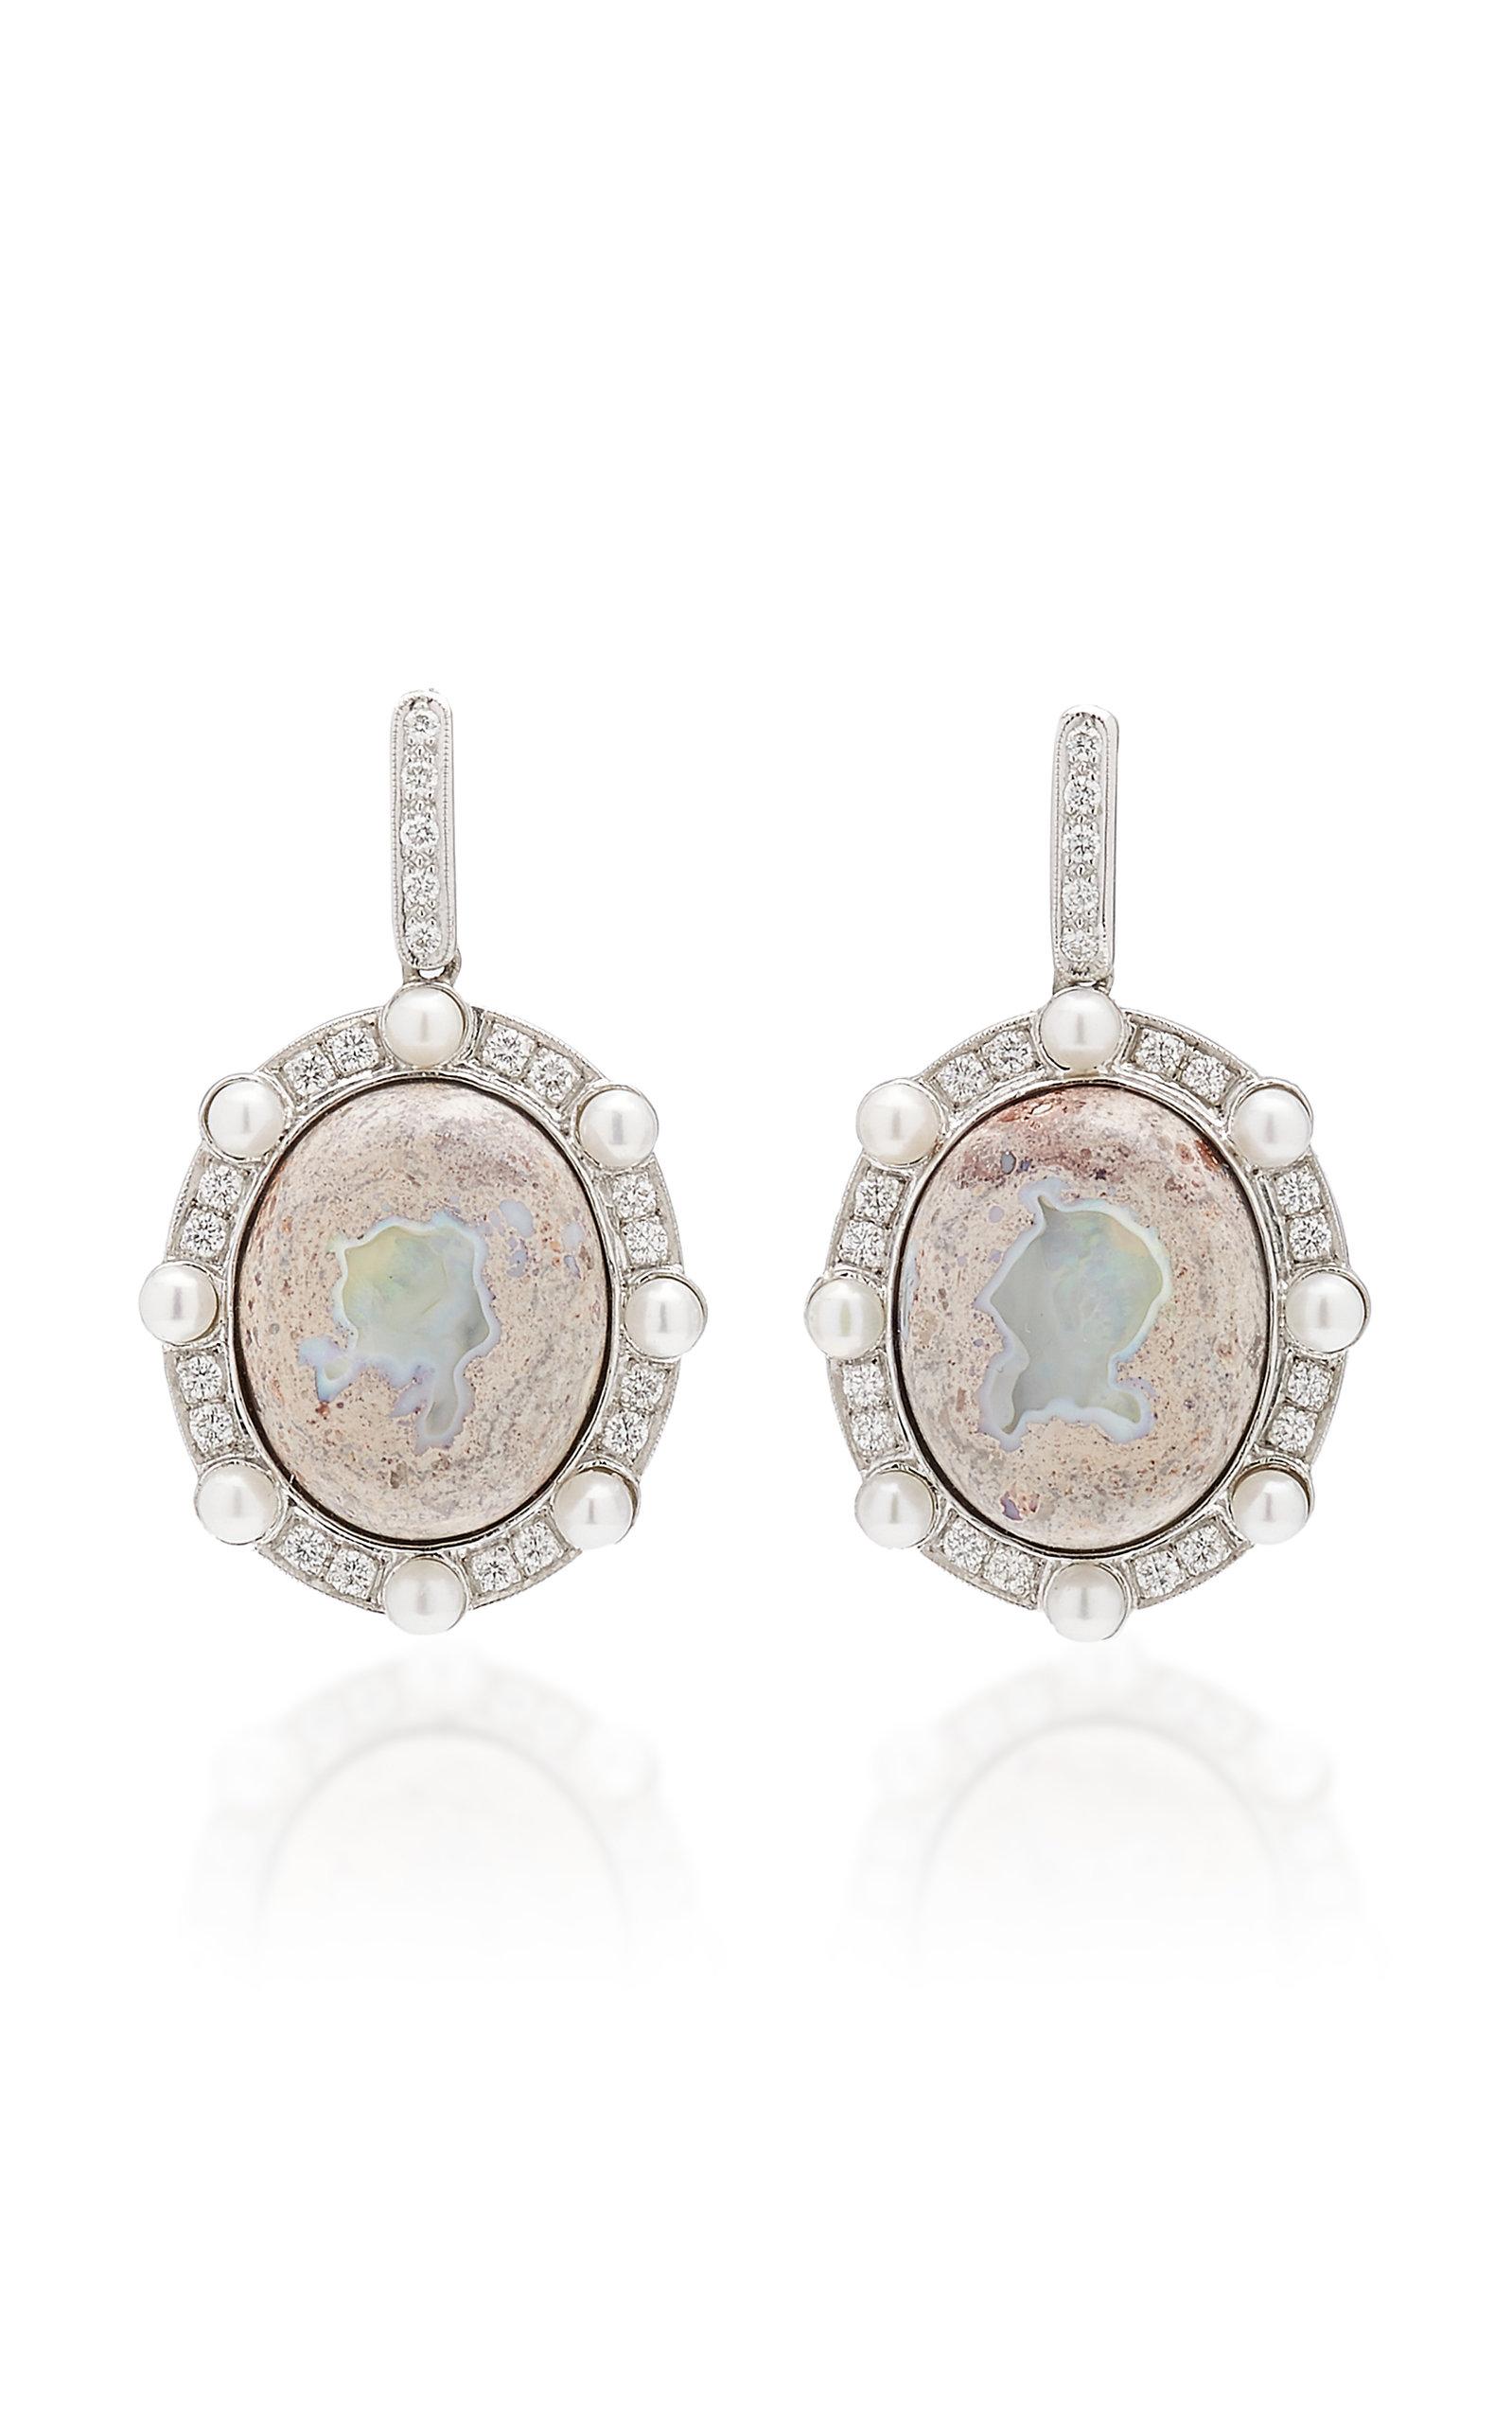 Women's Lunar Orbit 18K White Gold Opal Earrings